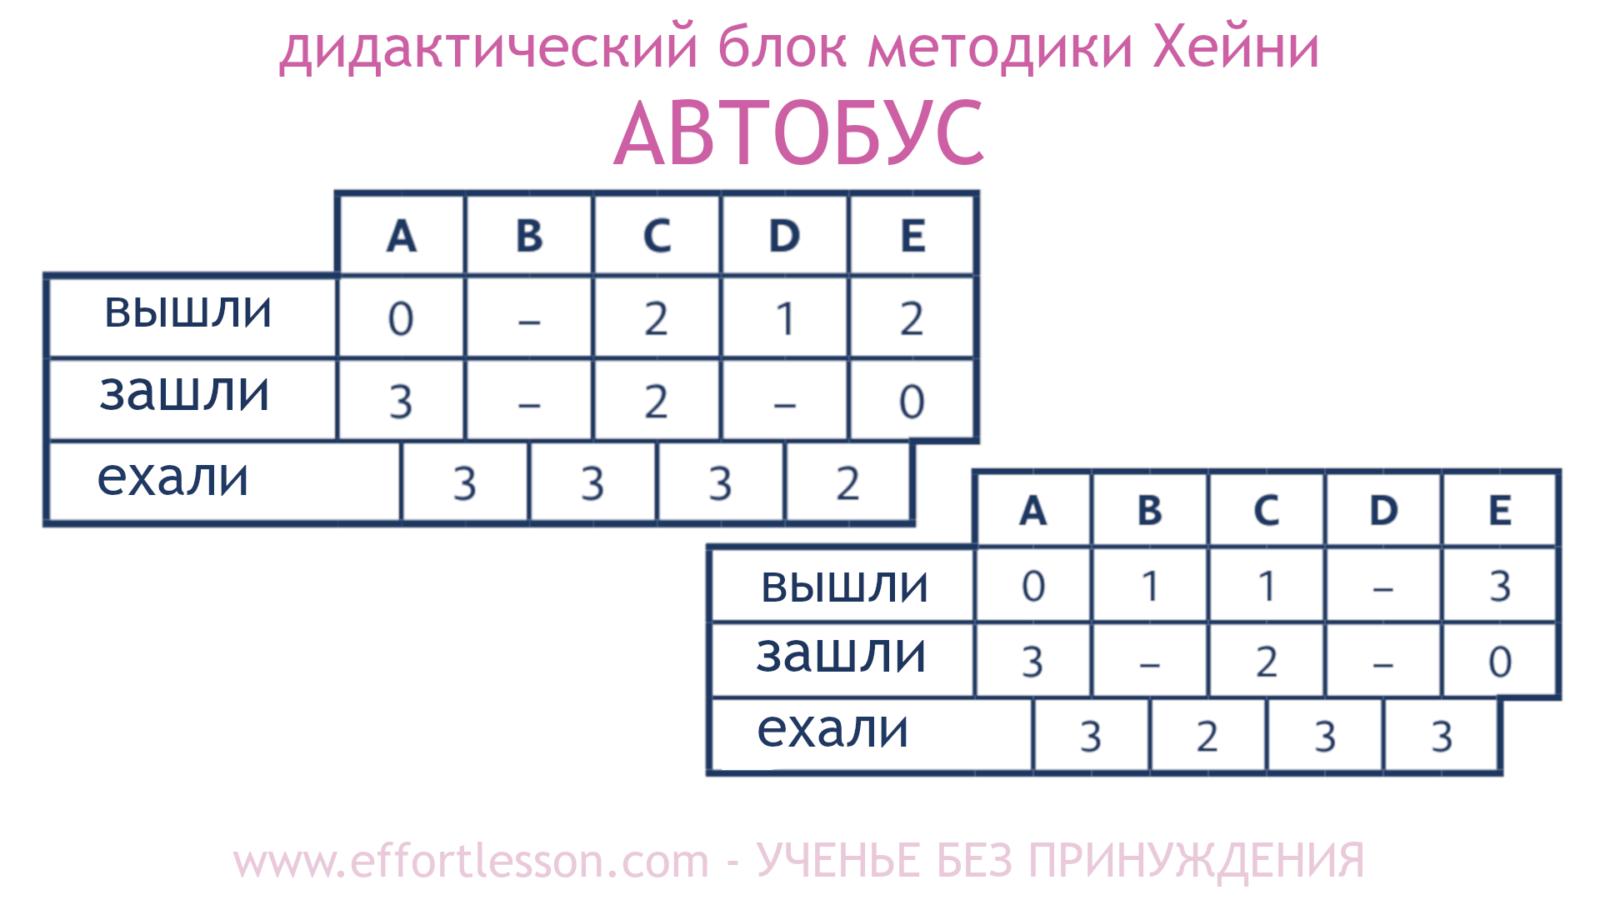 Таблица Автобус метод Хейни 6.1